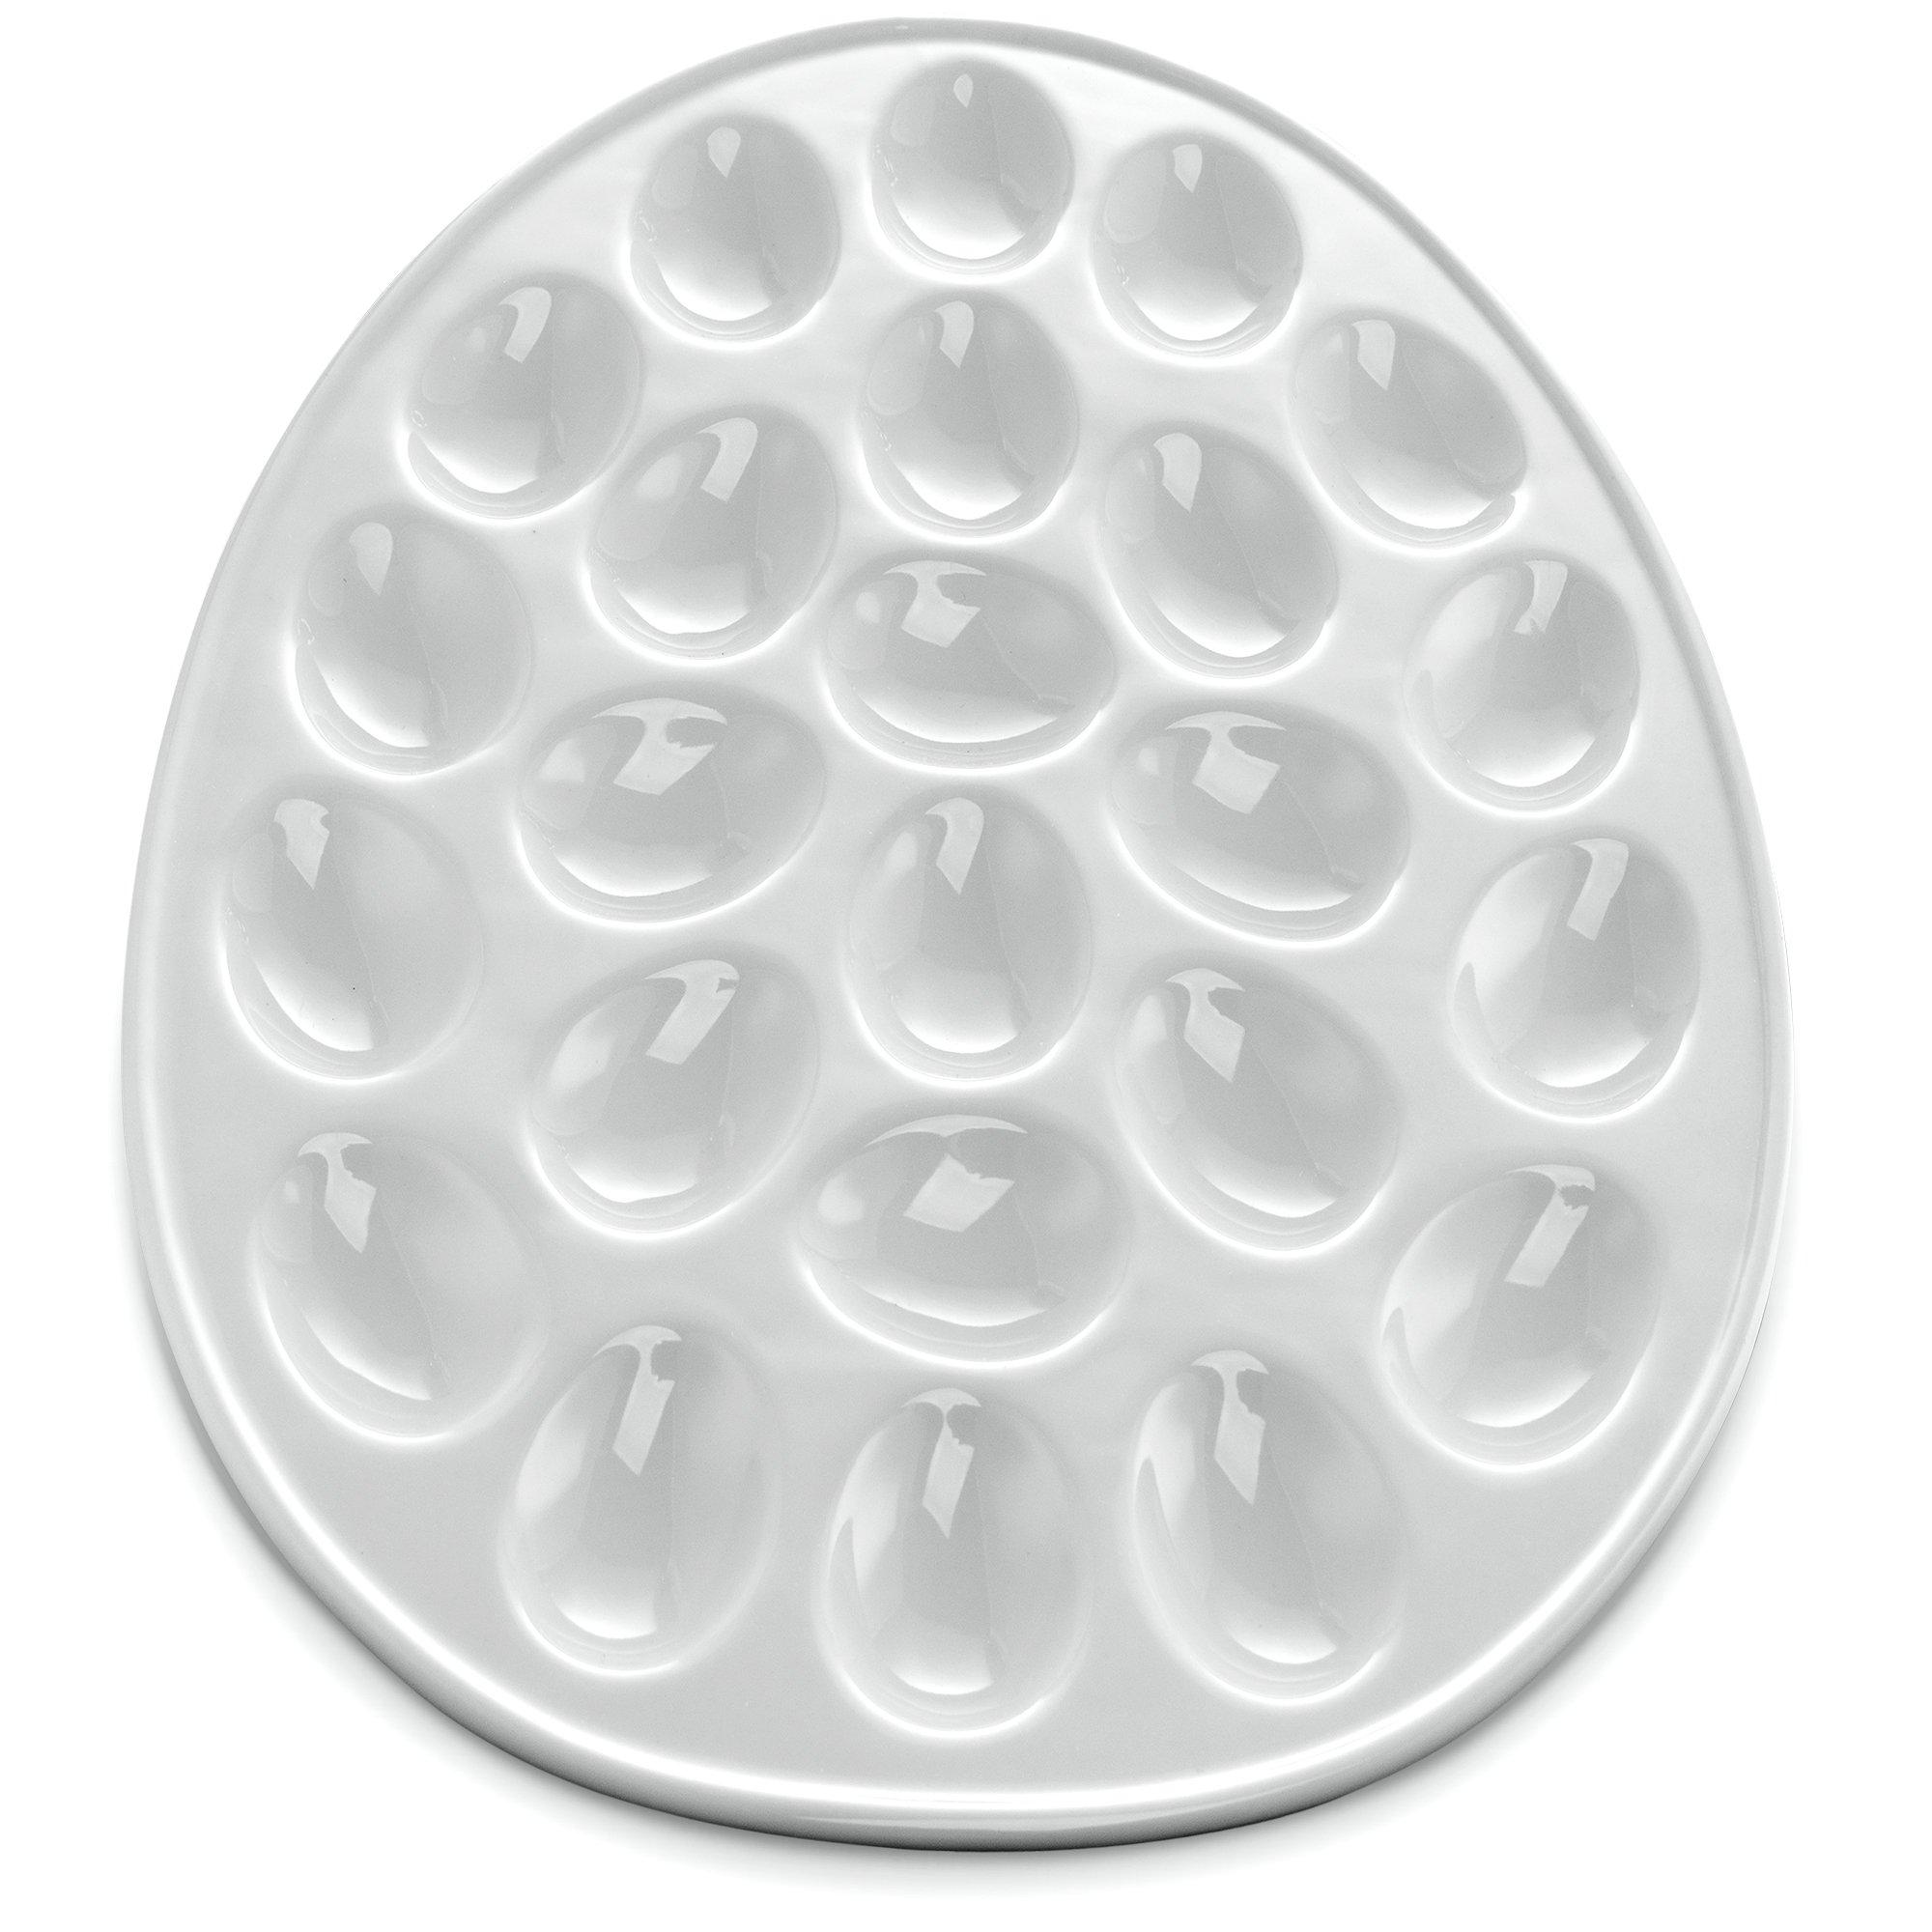 KooK Deviled Egg Dish, White Porcelain, 13 Inch, Holds 24 Eggs.